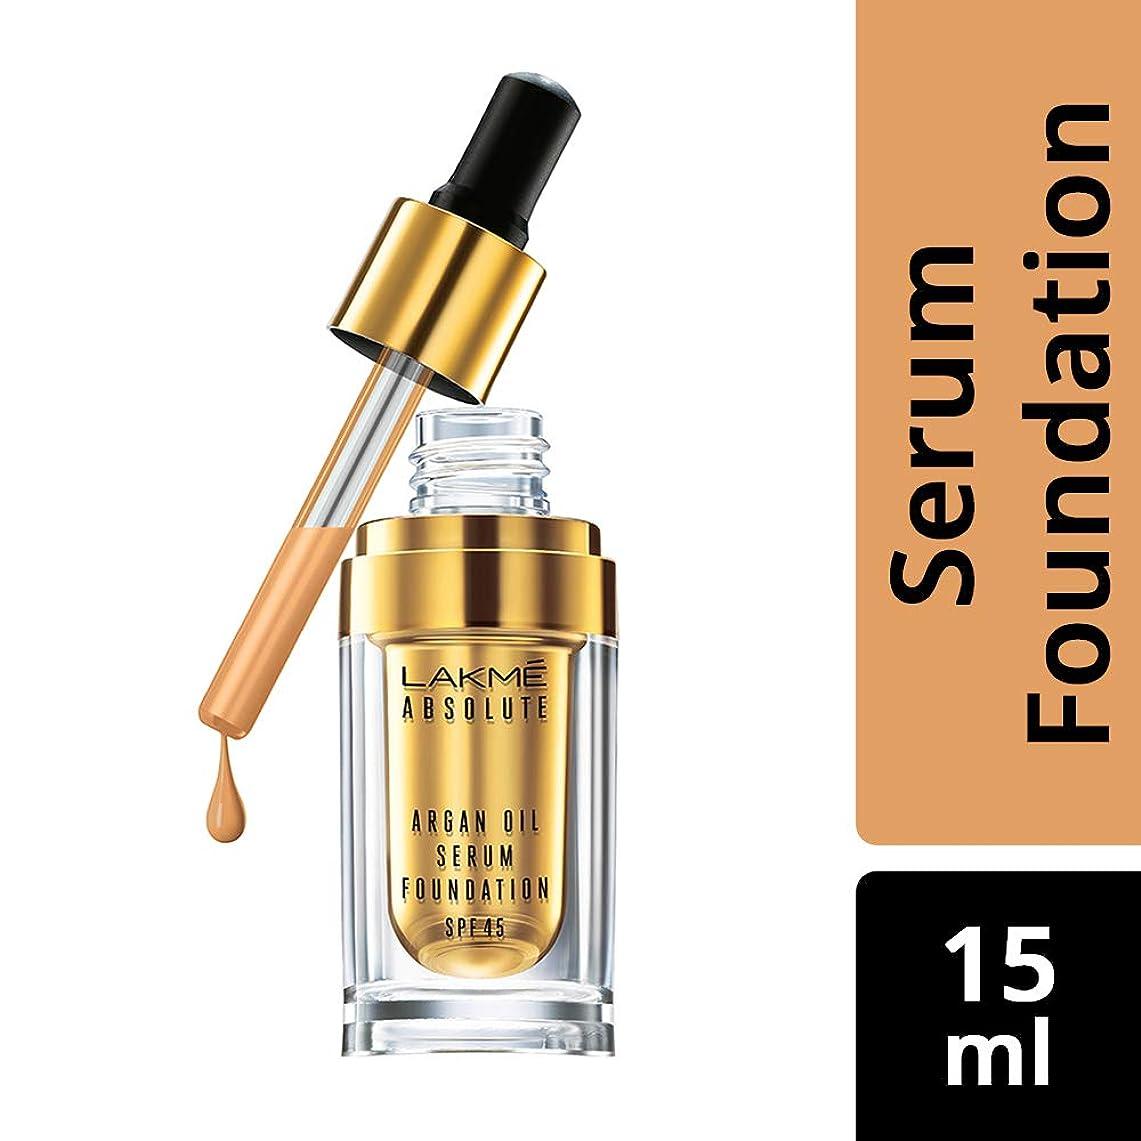 する必要があるスツールバタフライLakme Absolute Argan Oil Serum Foundation with SPF 45, Ivory Cream, 15ml